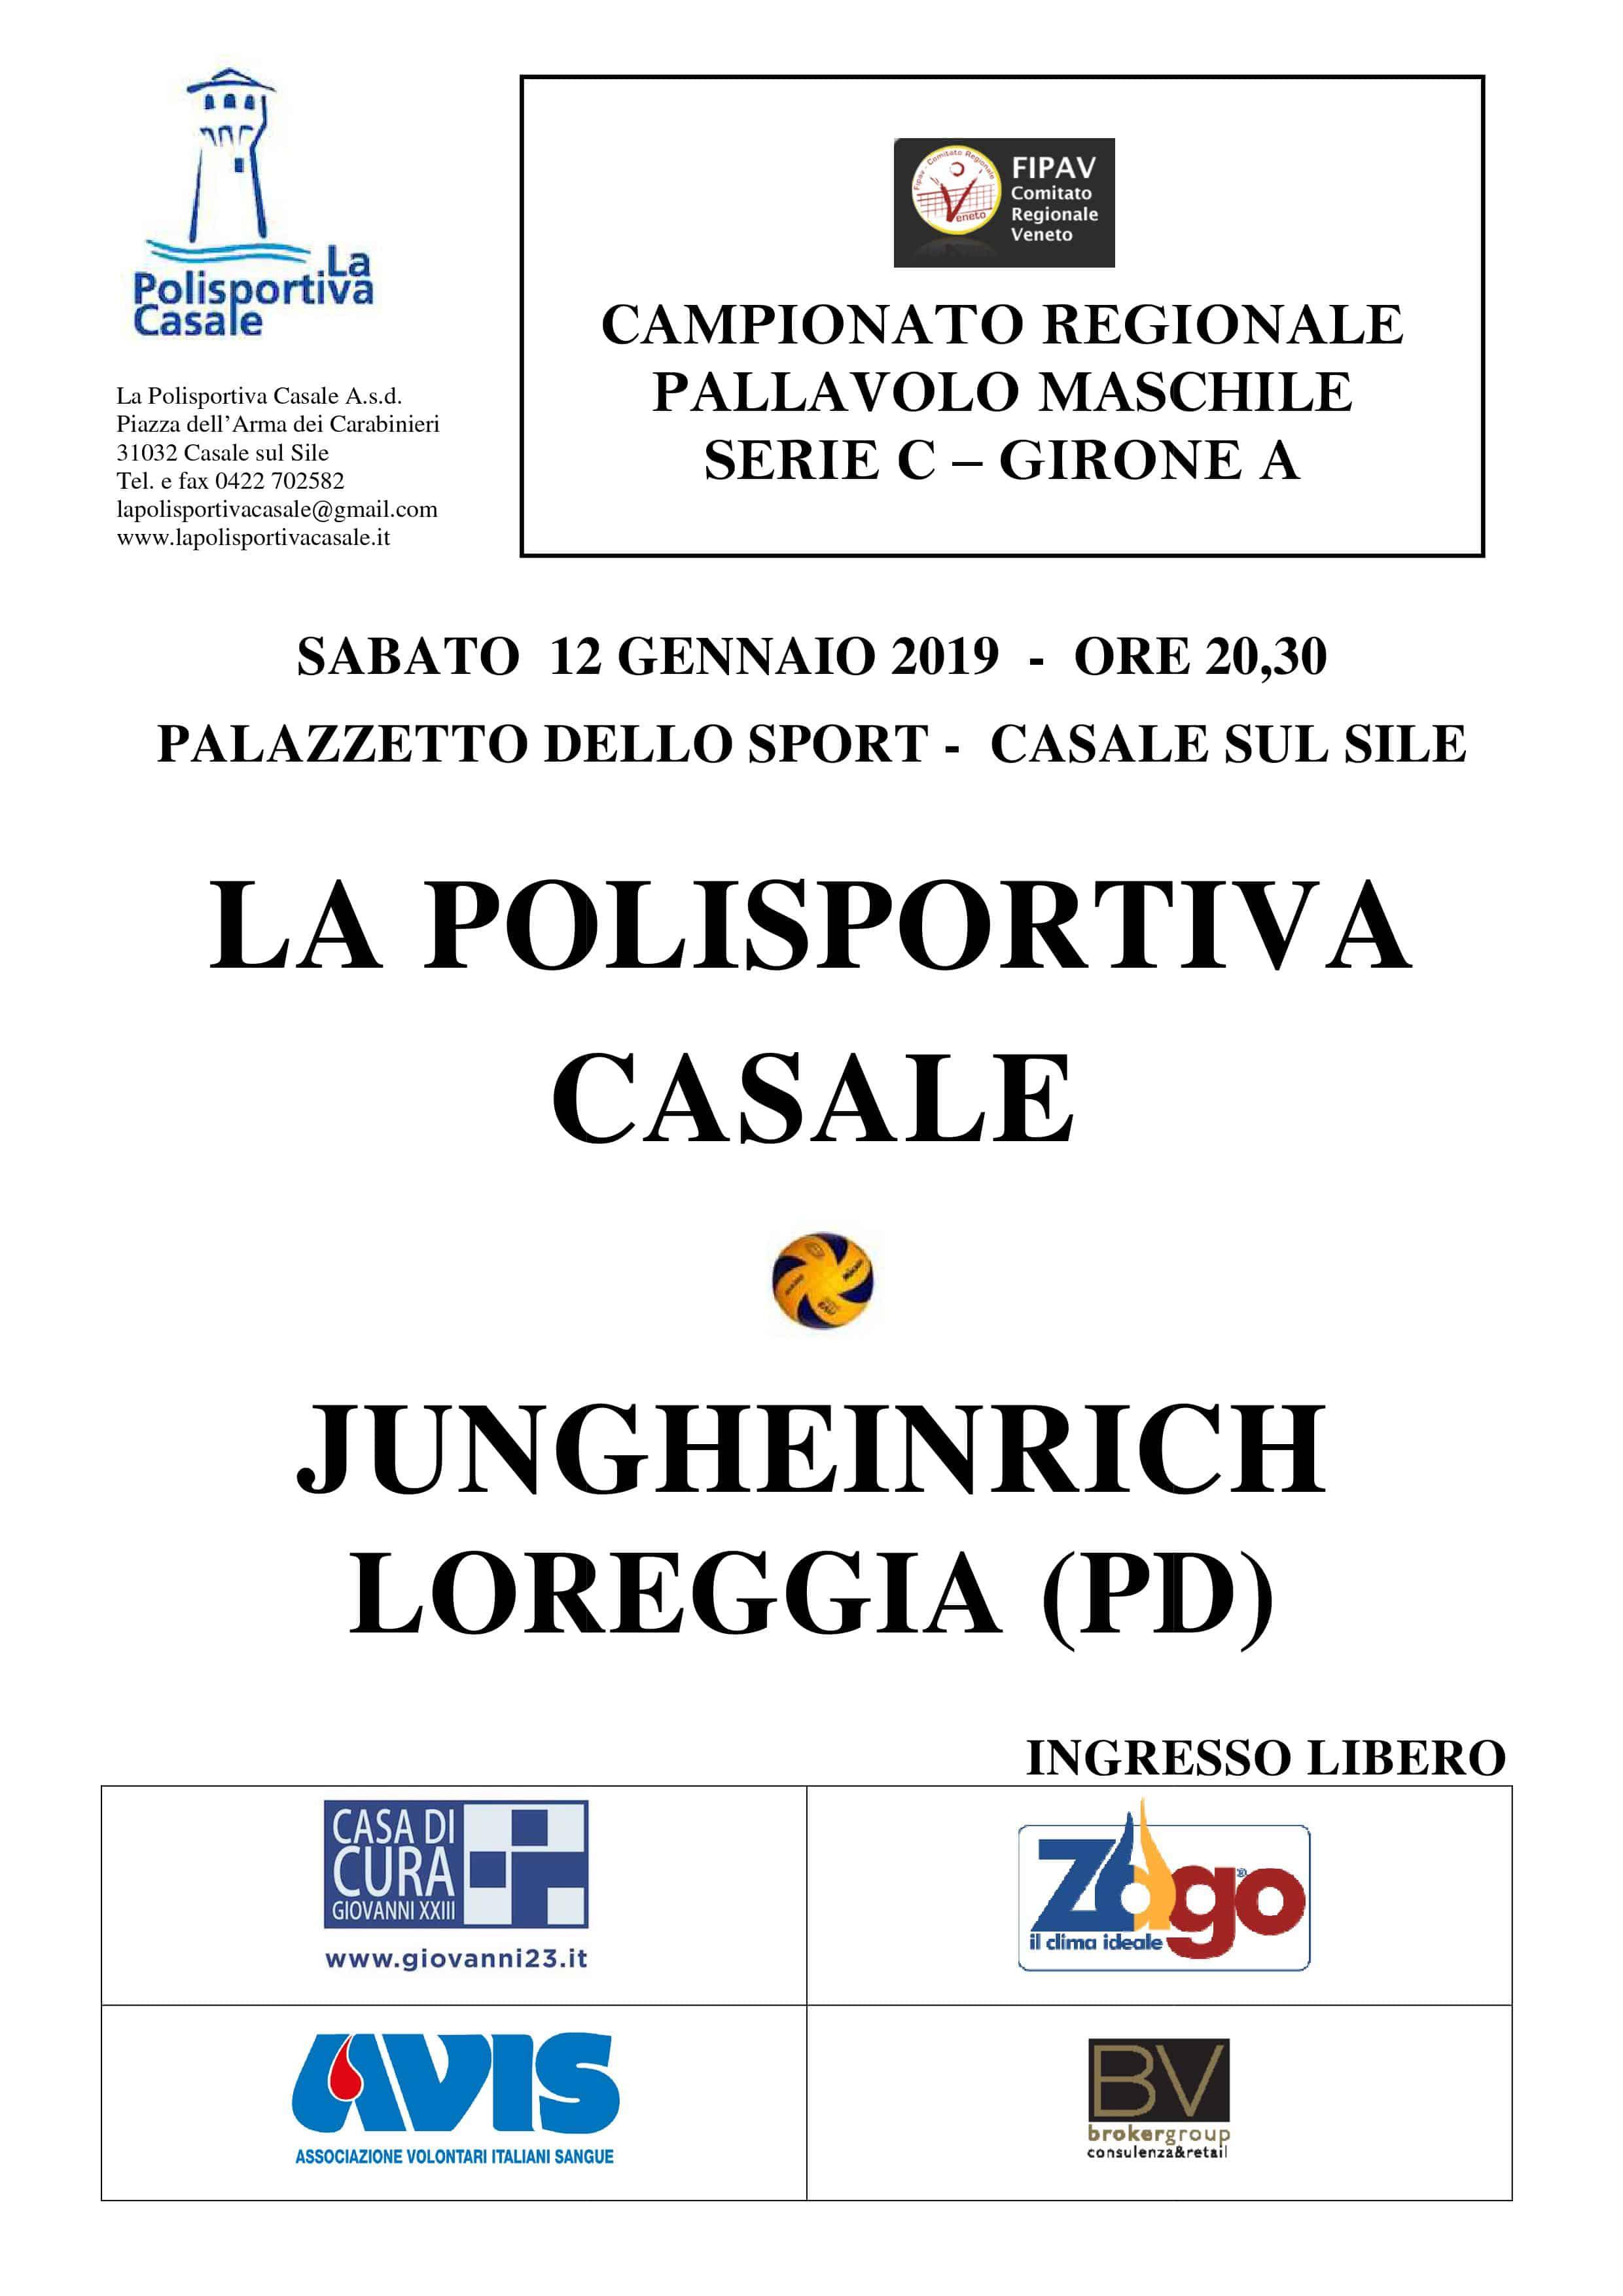 Fipav Veneto Calendario.La Polisportiva Casale Volley